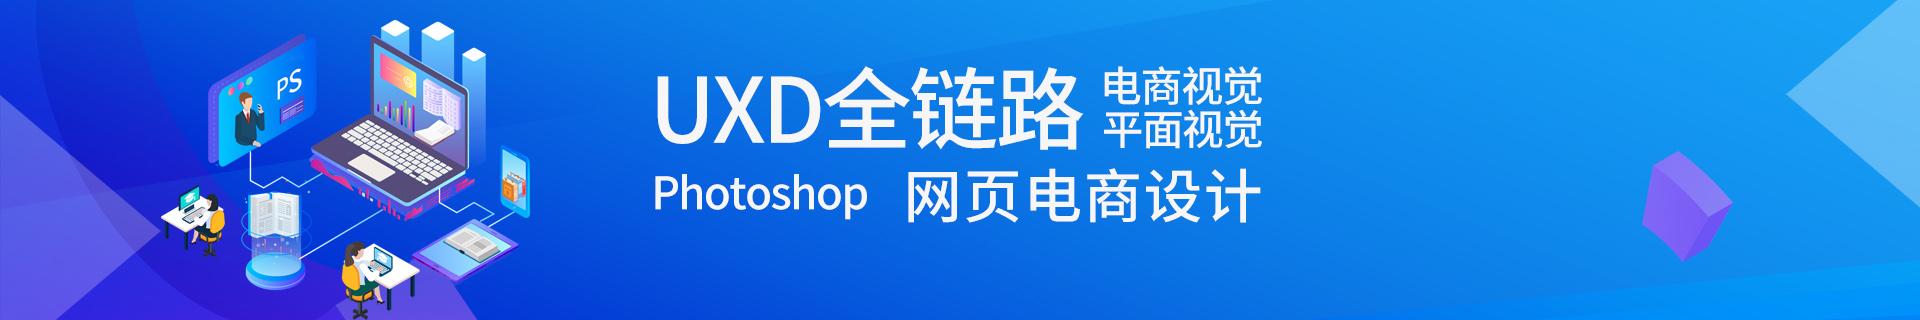 杭州萧山区天琥教育机构